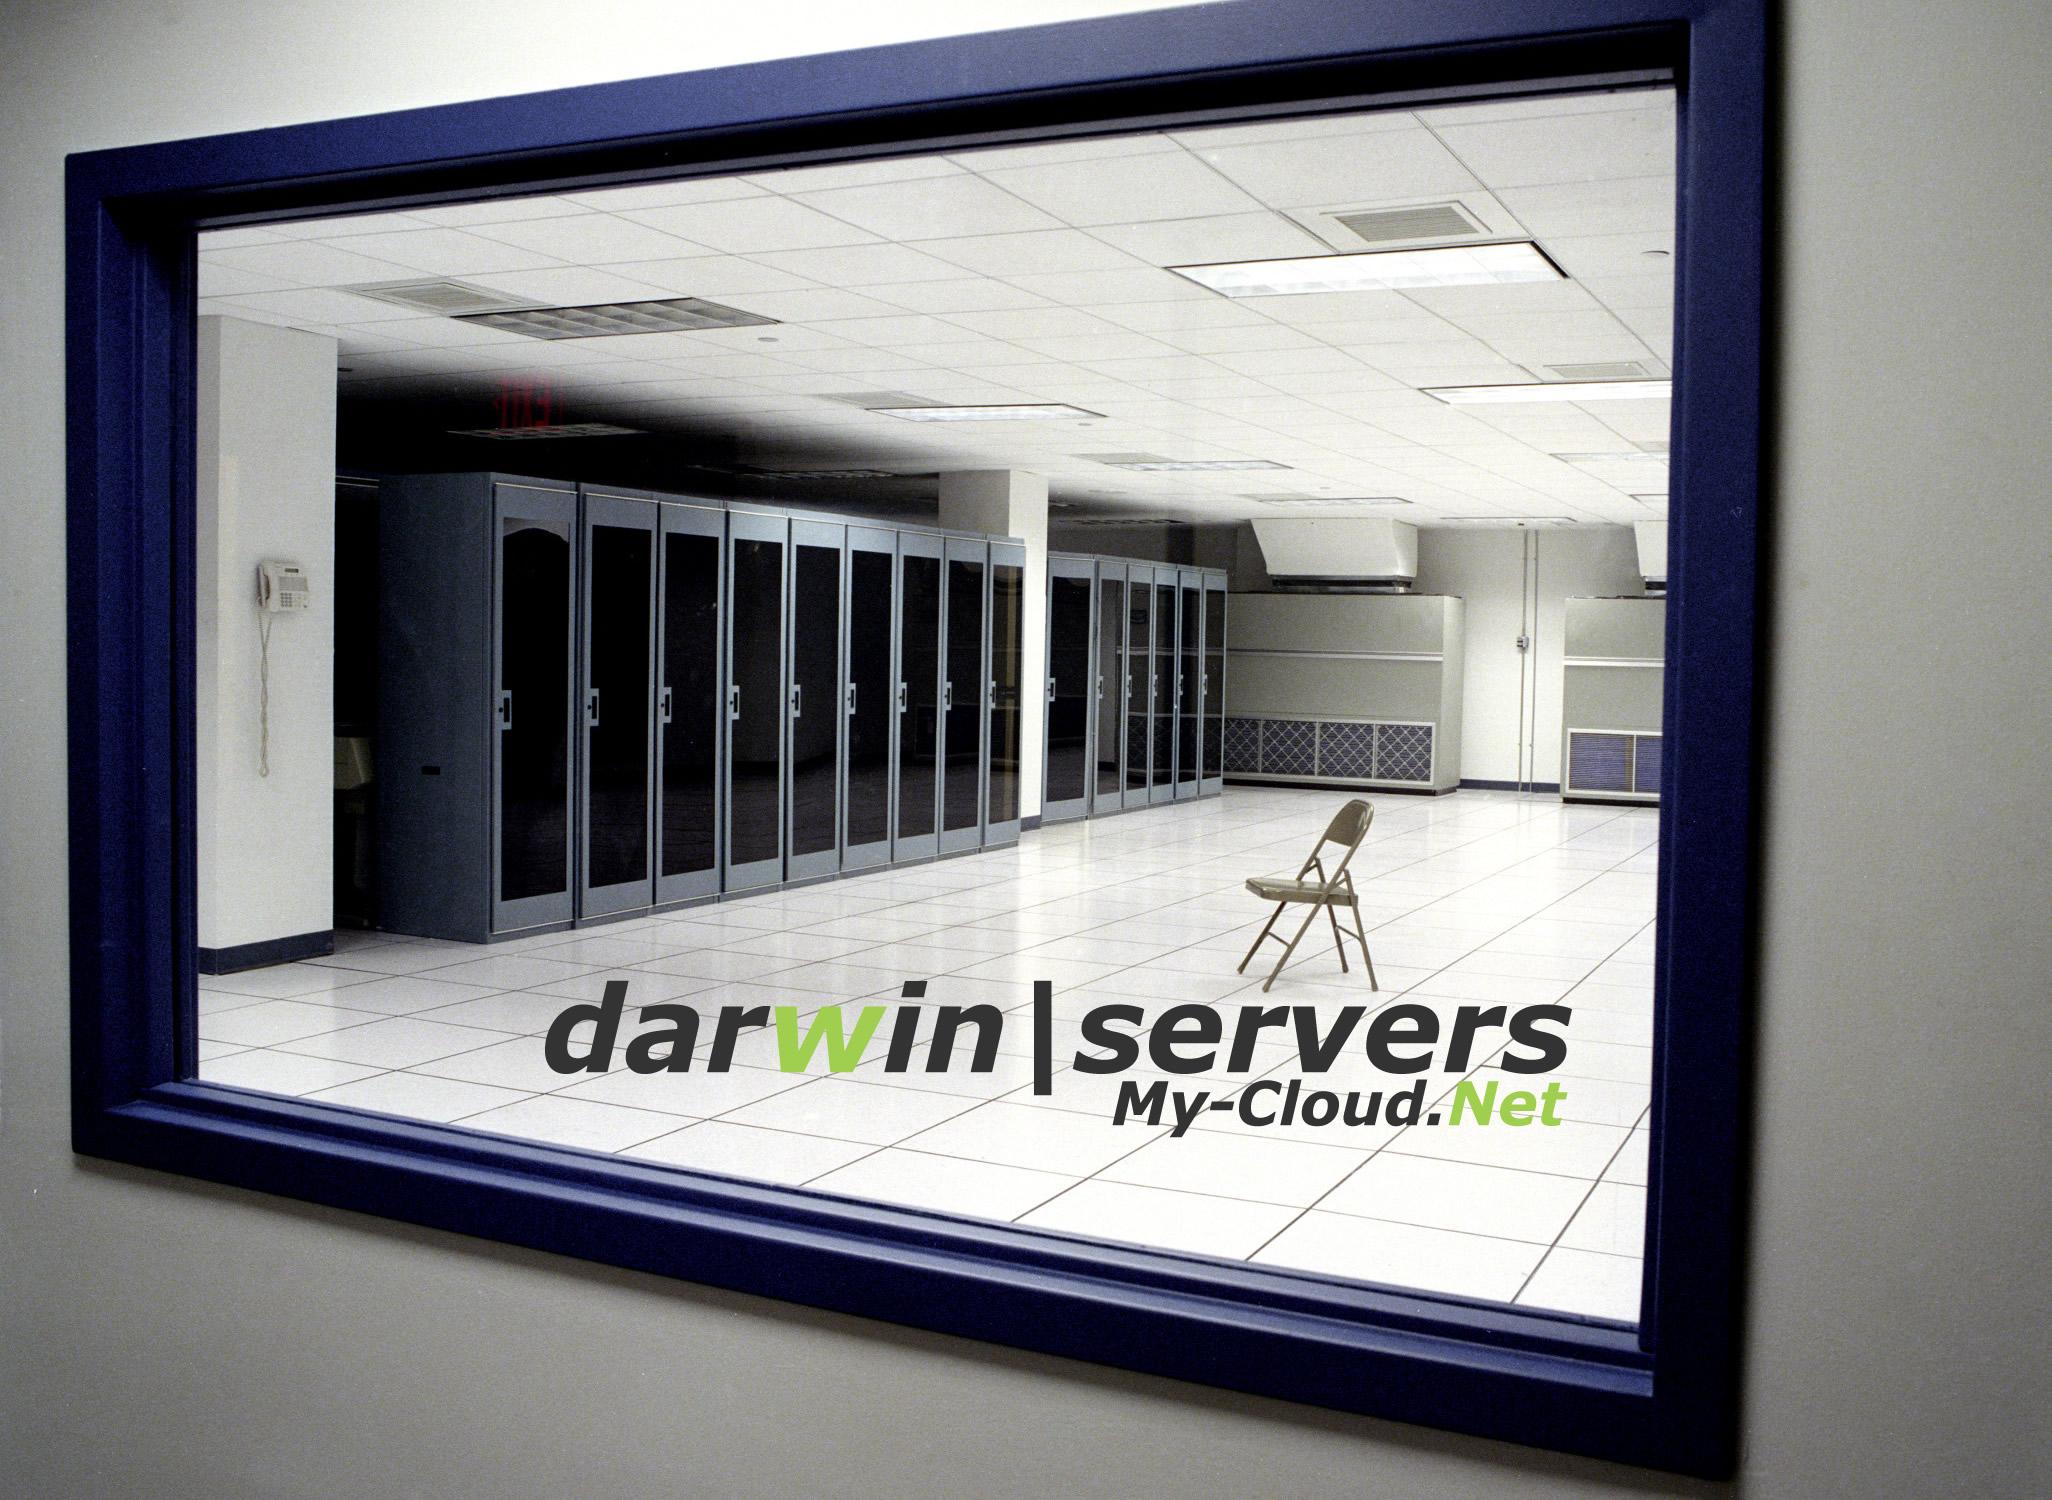 darwin data center europa